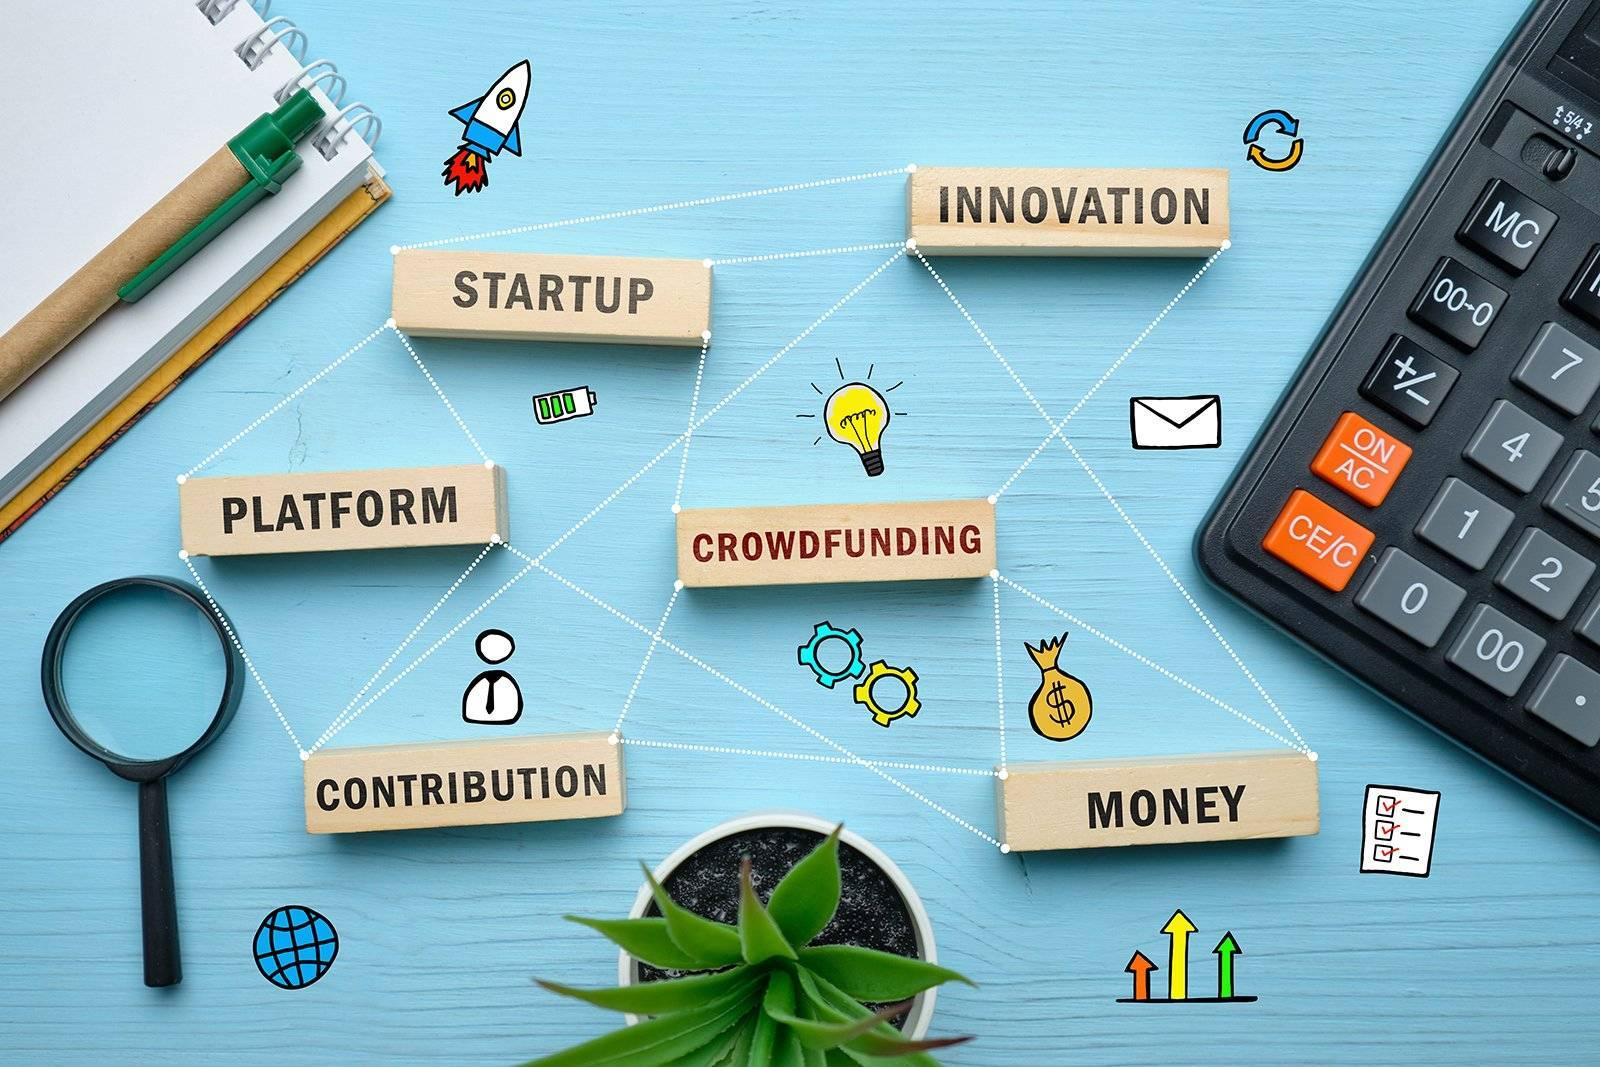 Equity crowdfunding Italia 2020: come è andato il mercato